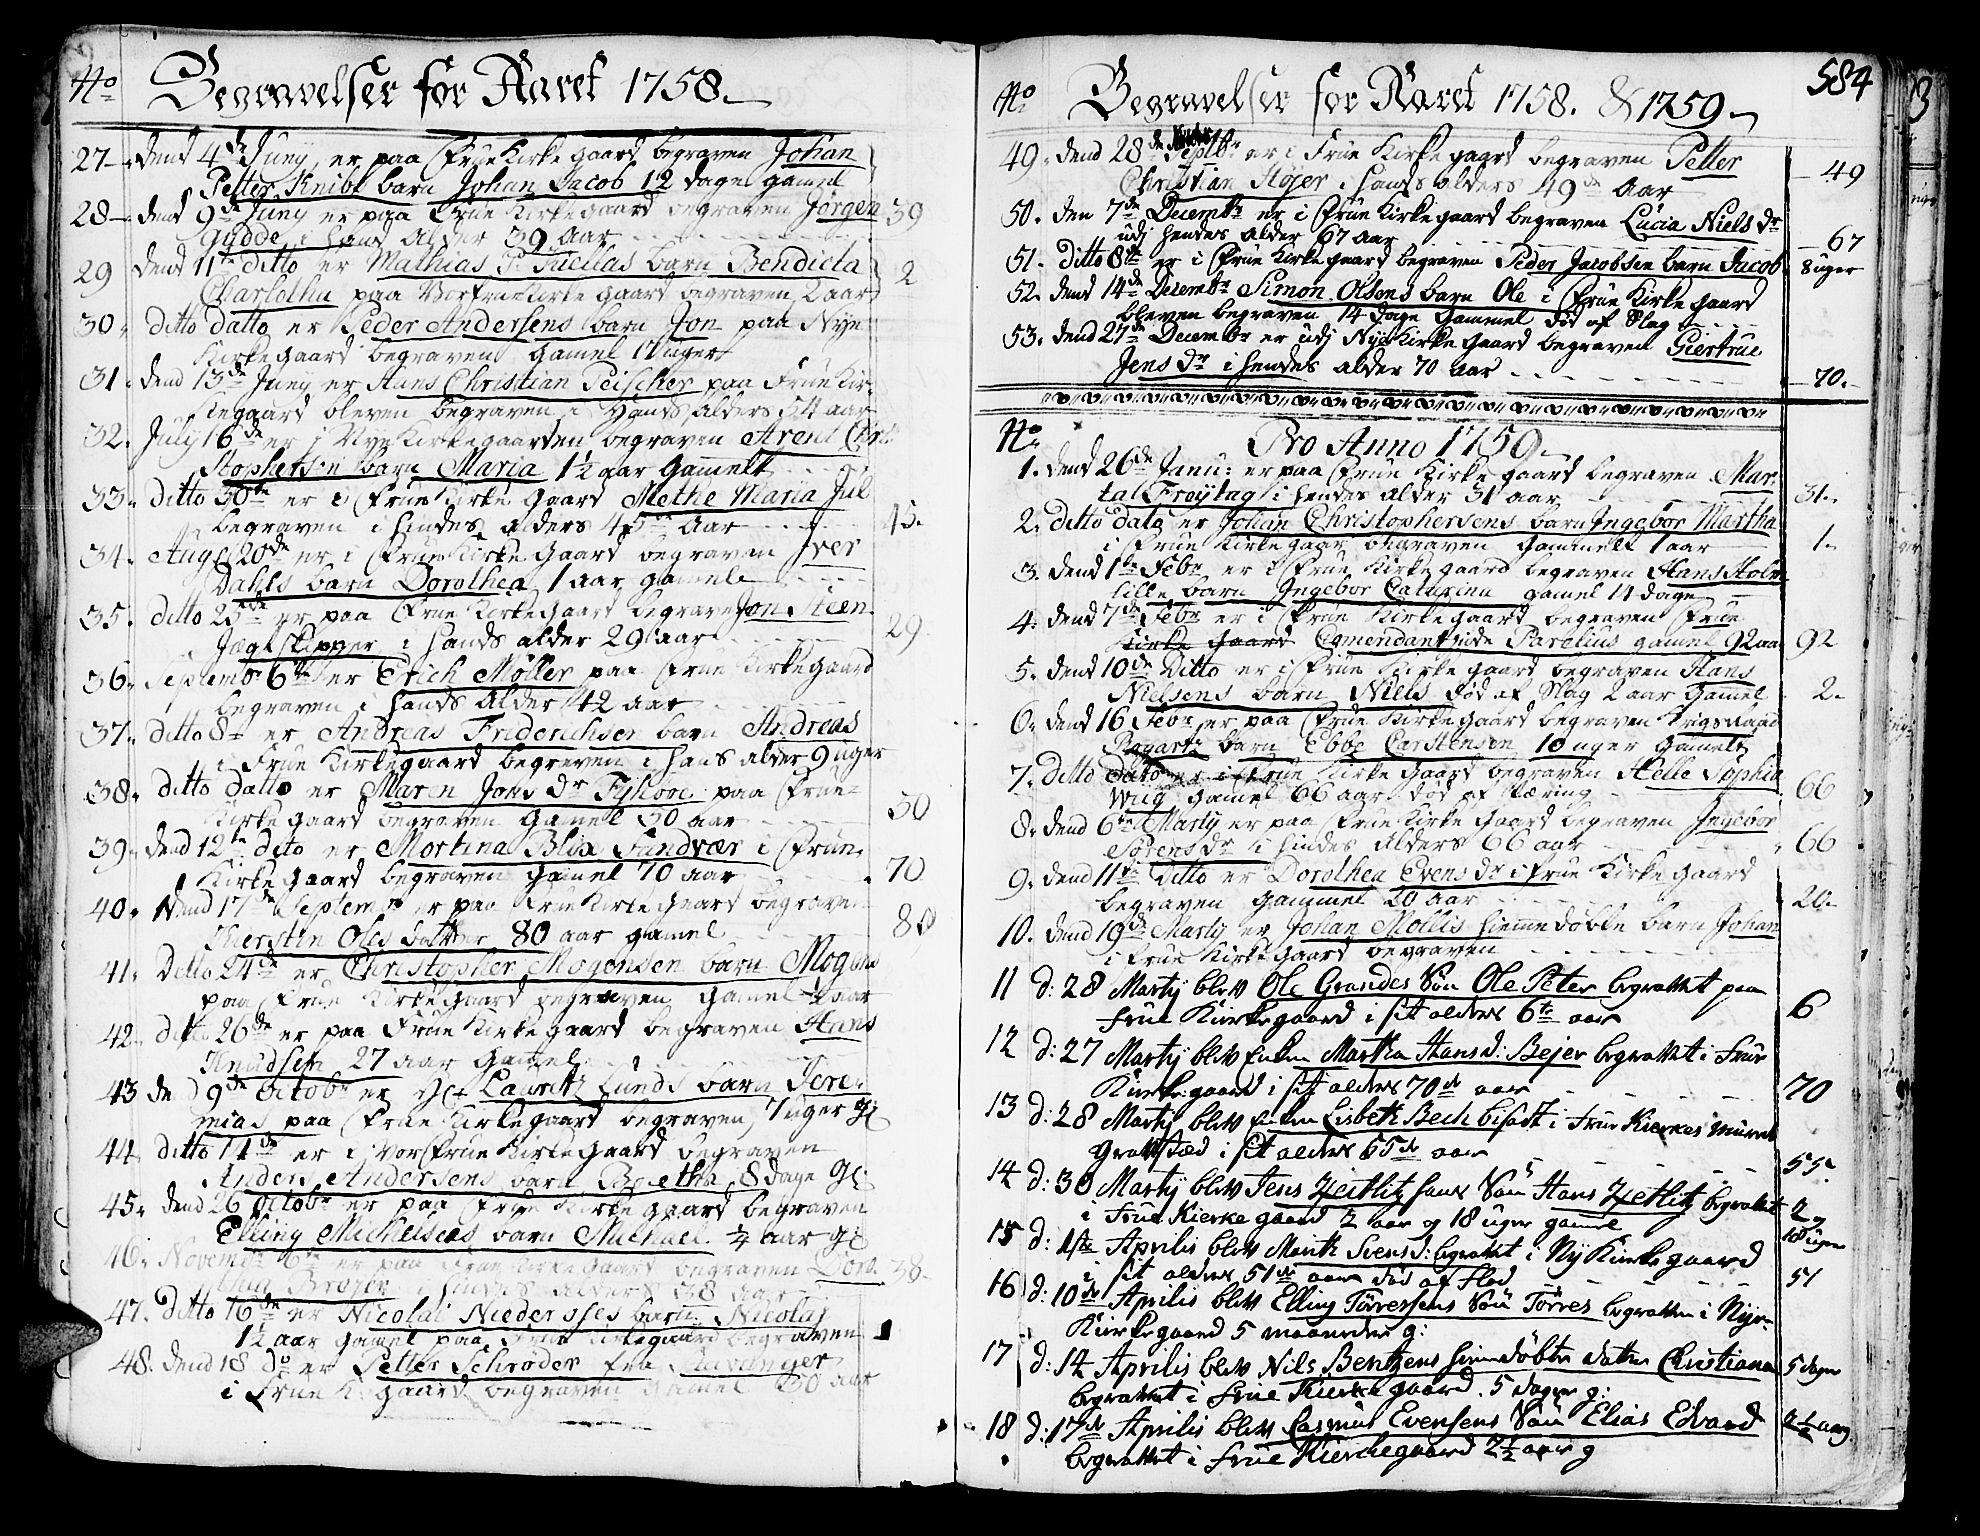 SAT, Ministerialprotokoller, klokkerbøker og fødselsregistre - Sør-Trøndelag, 602/L0103: Ministerialbok nr. 602A01, 1732-1774, s. 584